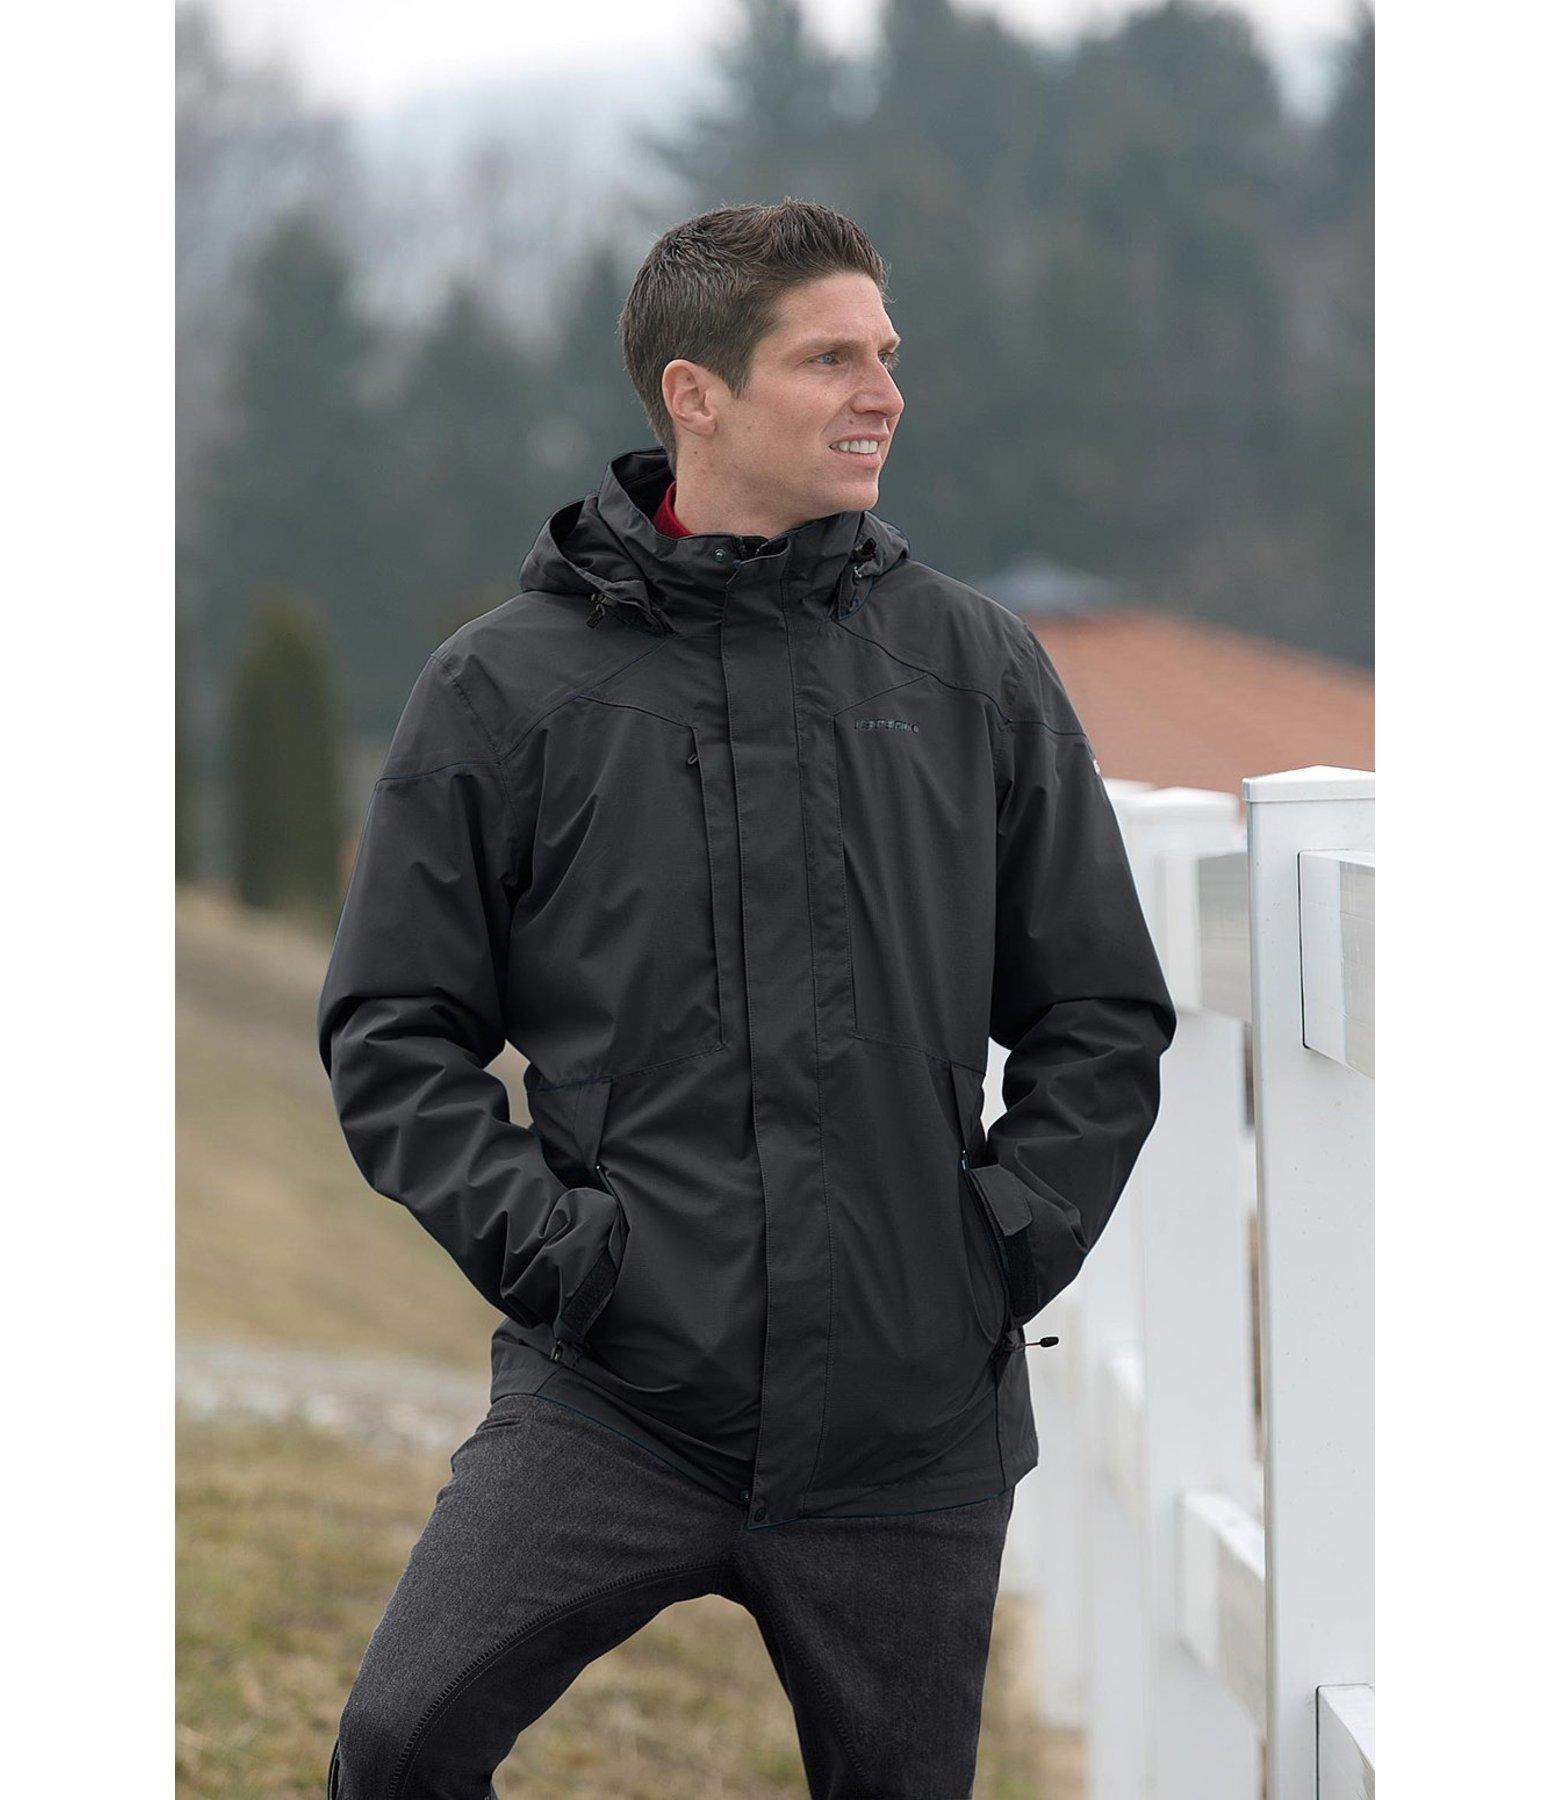 herren 3 in 1 jacke lance herren regenbekleidung. Black Bedroom Furniture Sets. Home Design Ideas